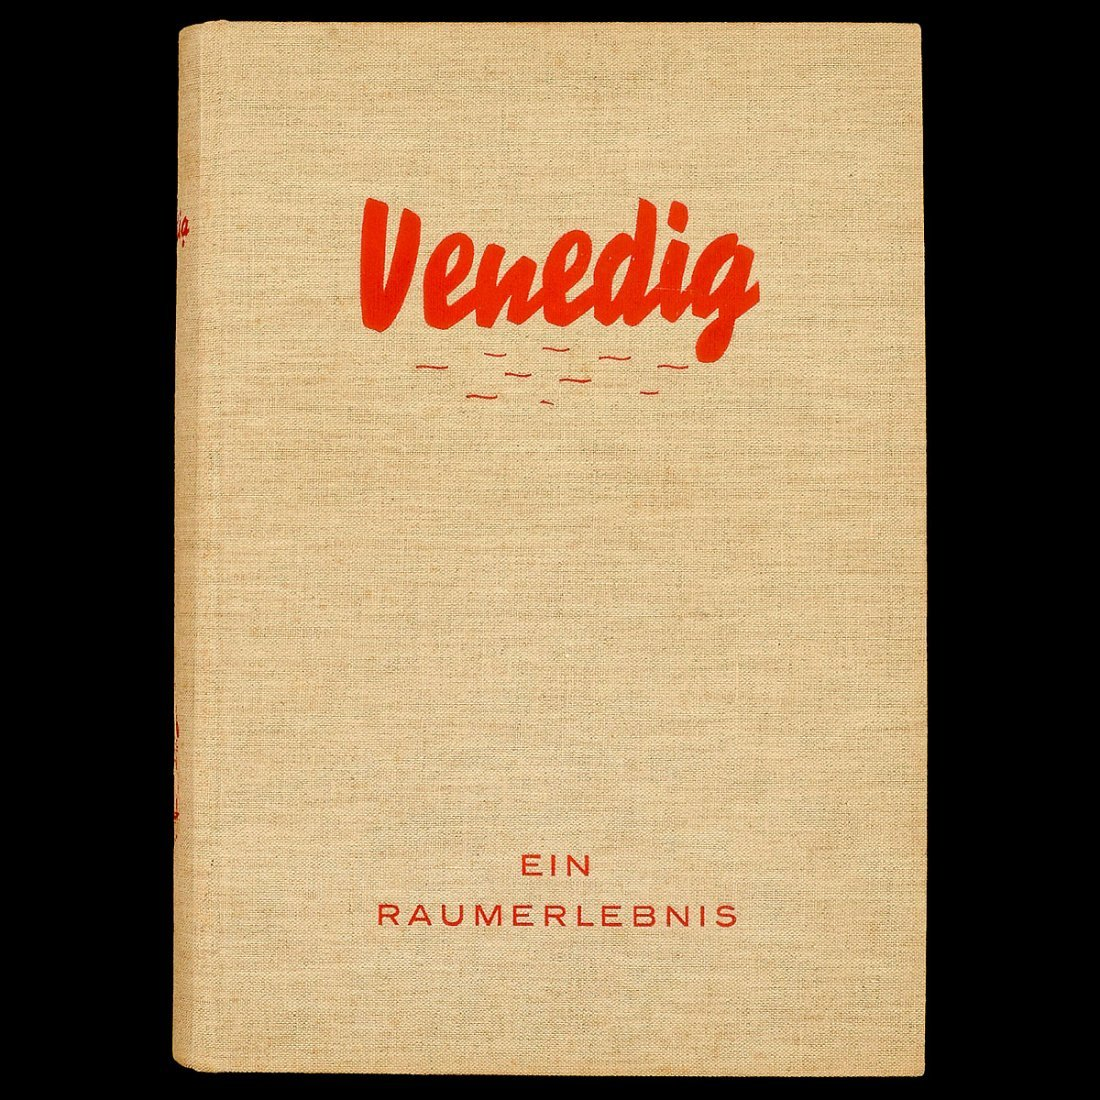 """Raumbild Album """"Venedig – Ein Raumerlebnis"""", 1935 - 2"""